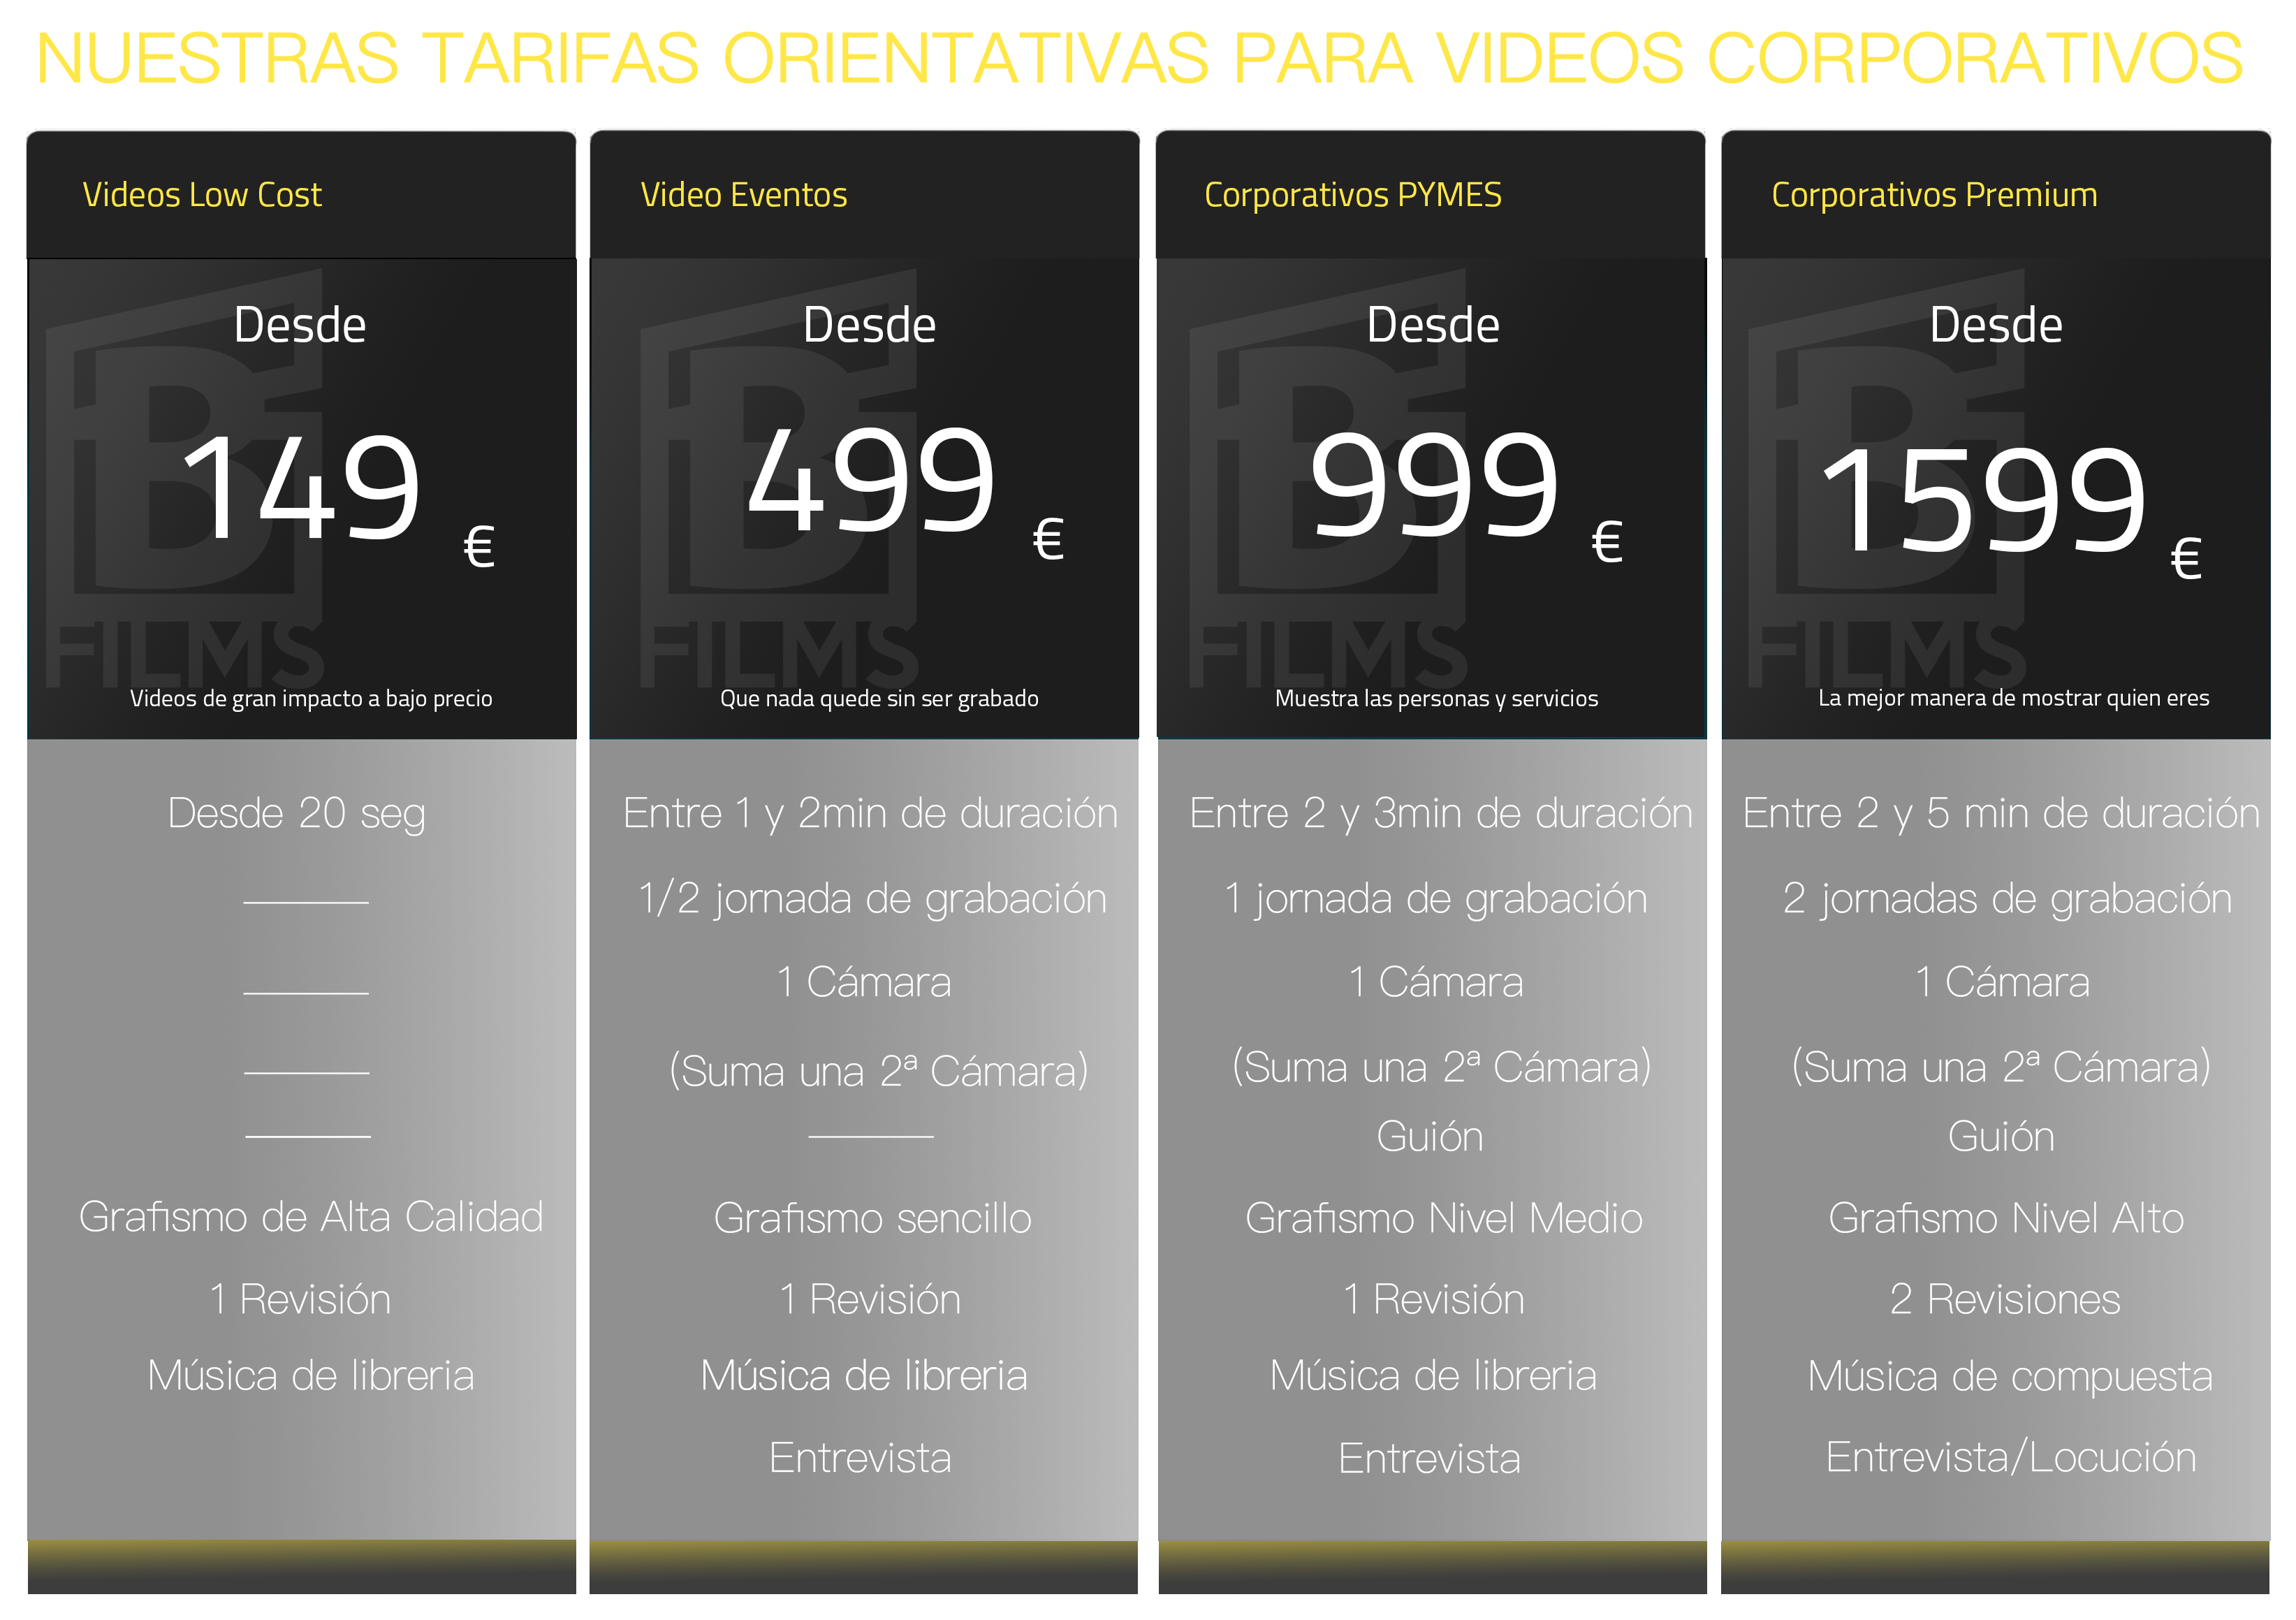 precios corporativos